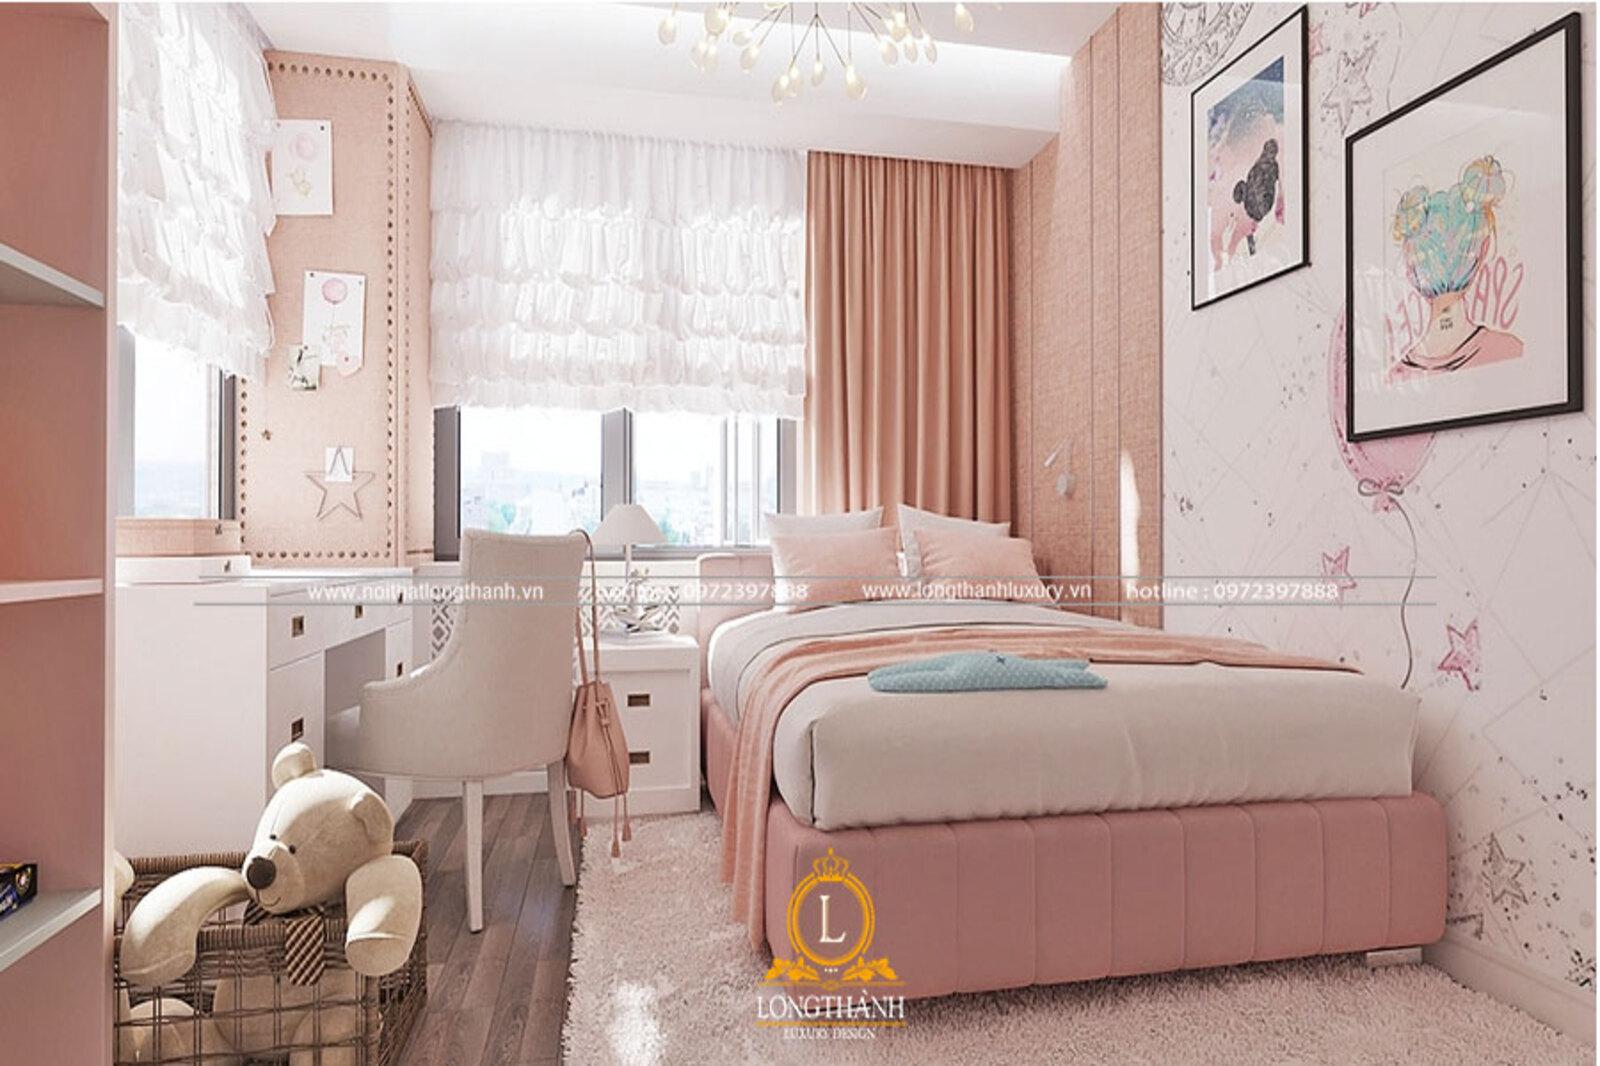 Phòng ngủ hiện đại với gam màu hồng trắng dành cho các cô bé học trò